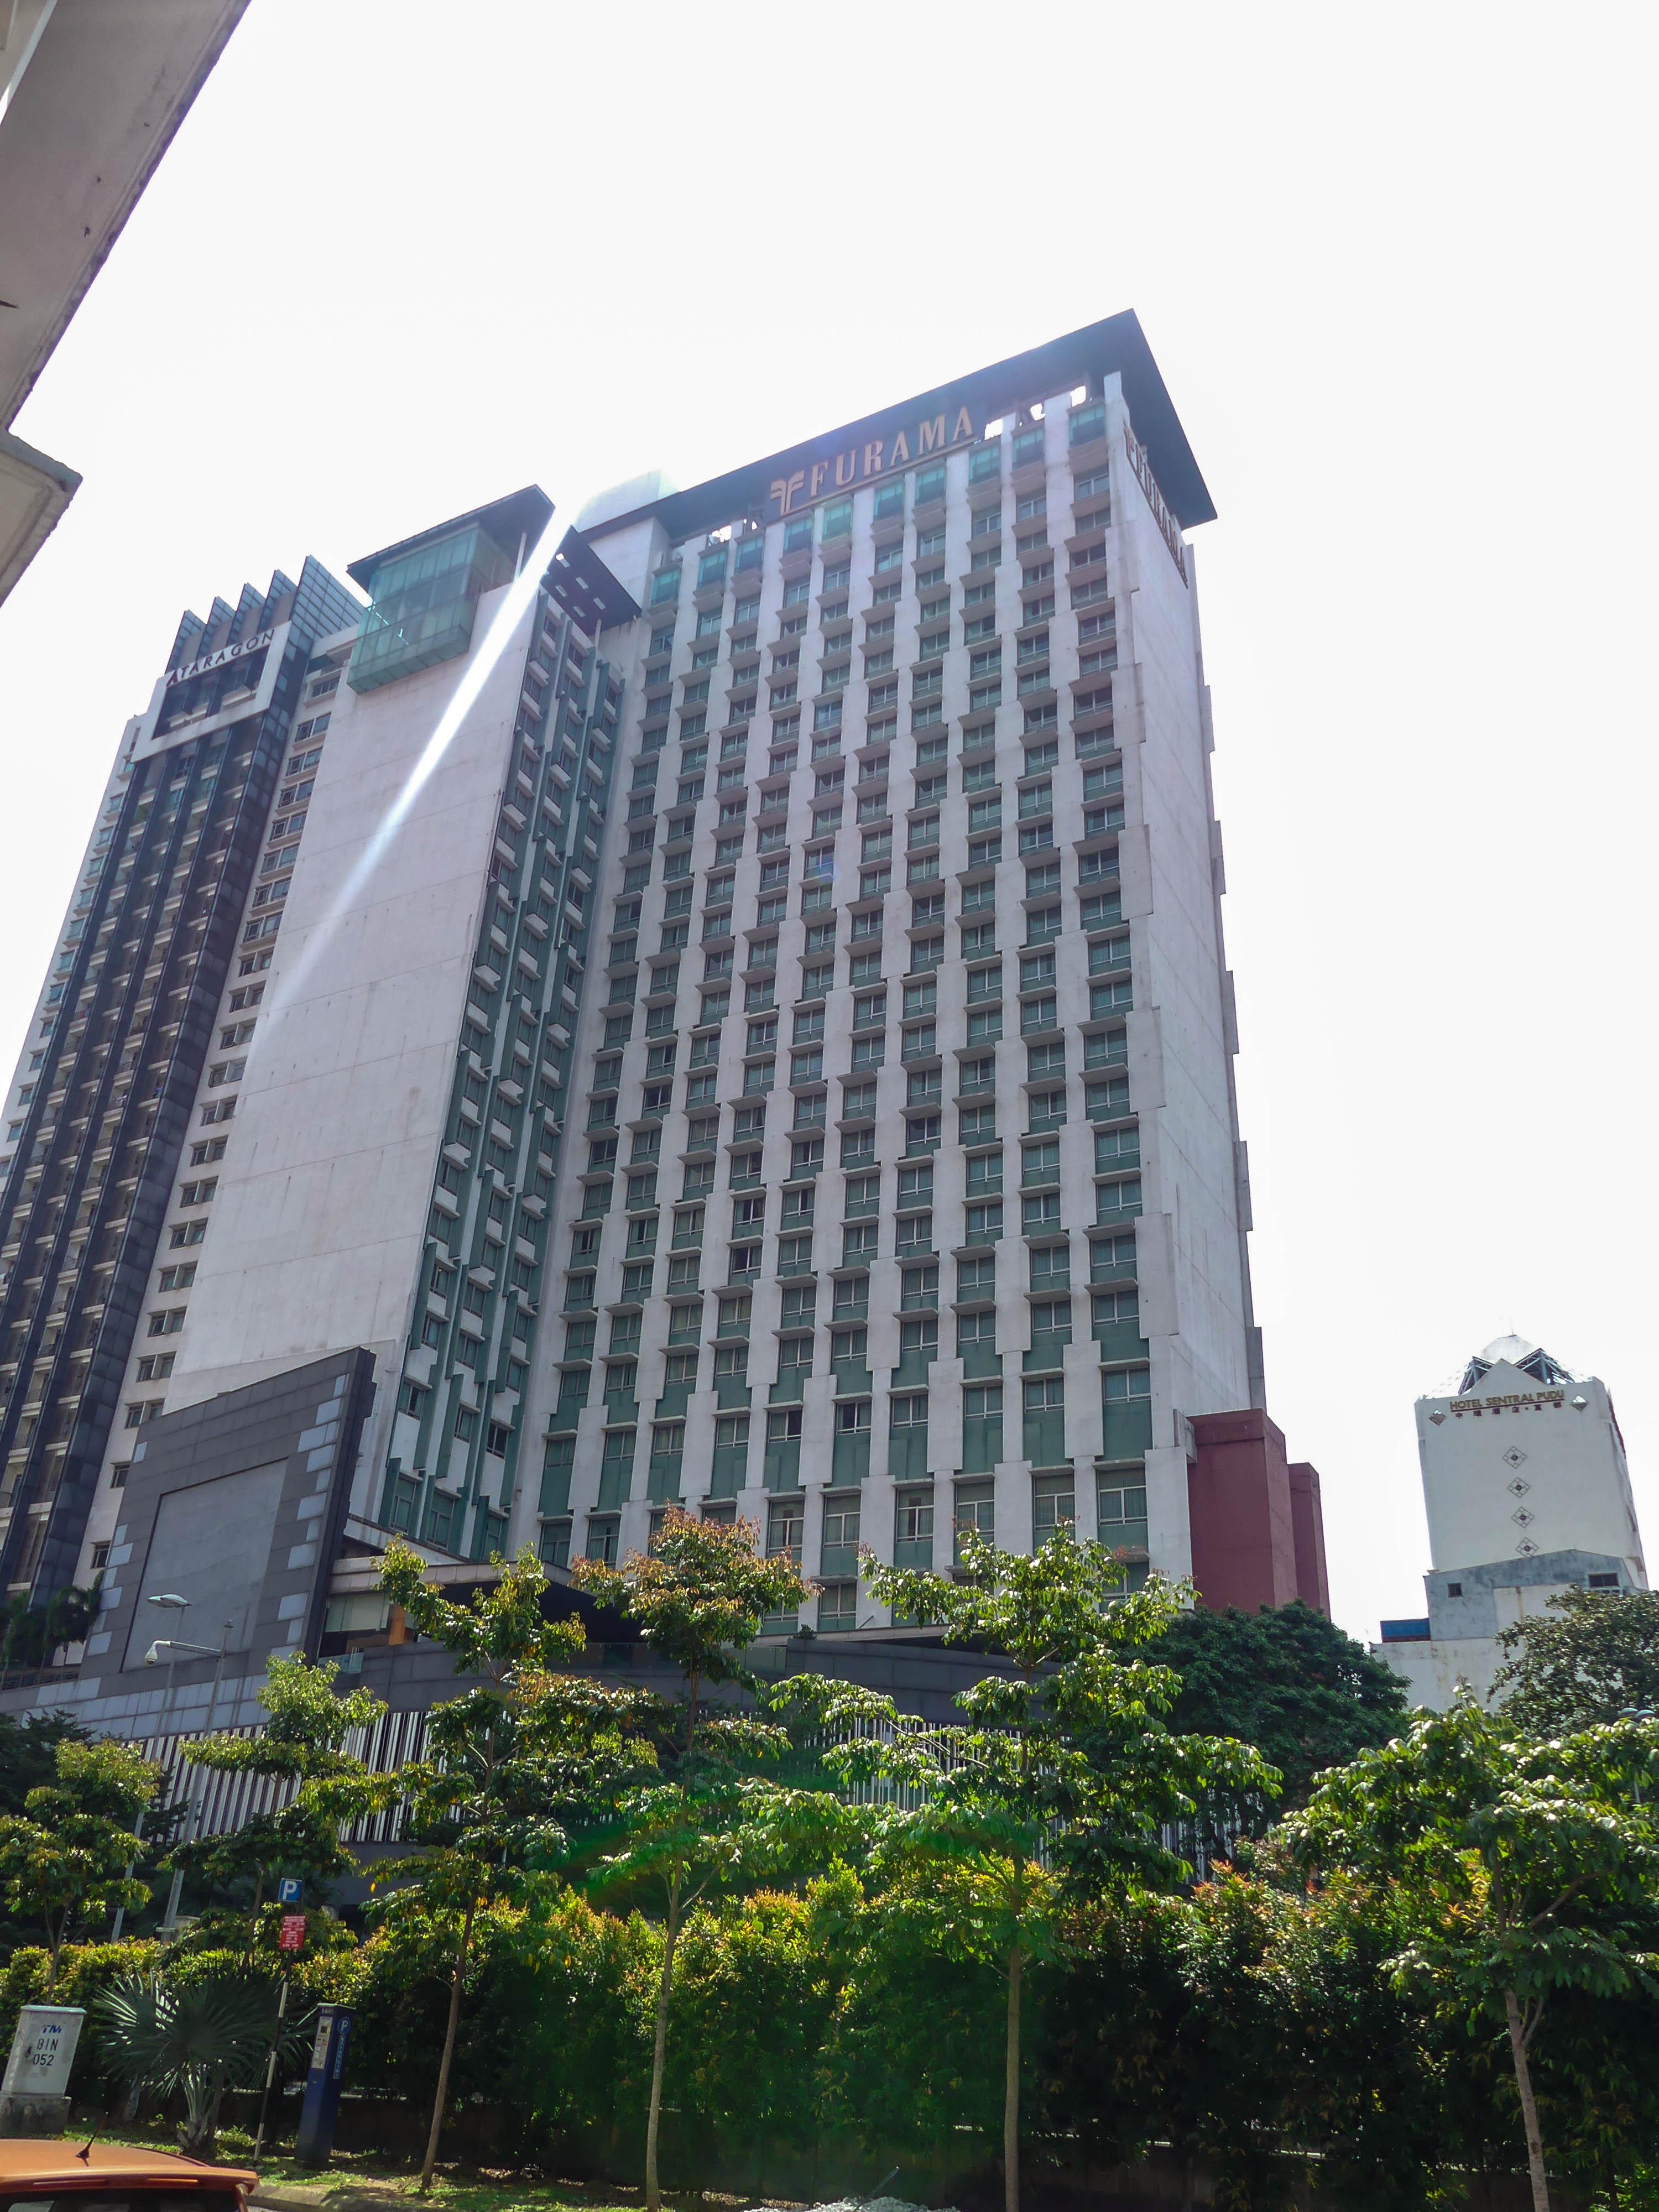 Furama Bukit Bintang - Kuala Lumpur Hotel